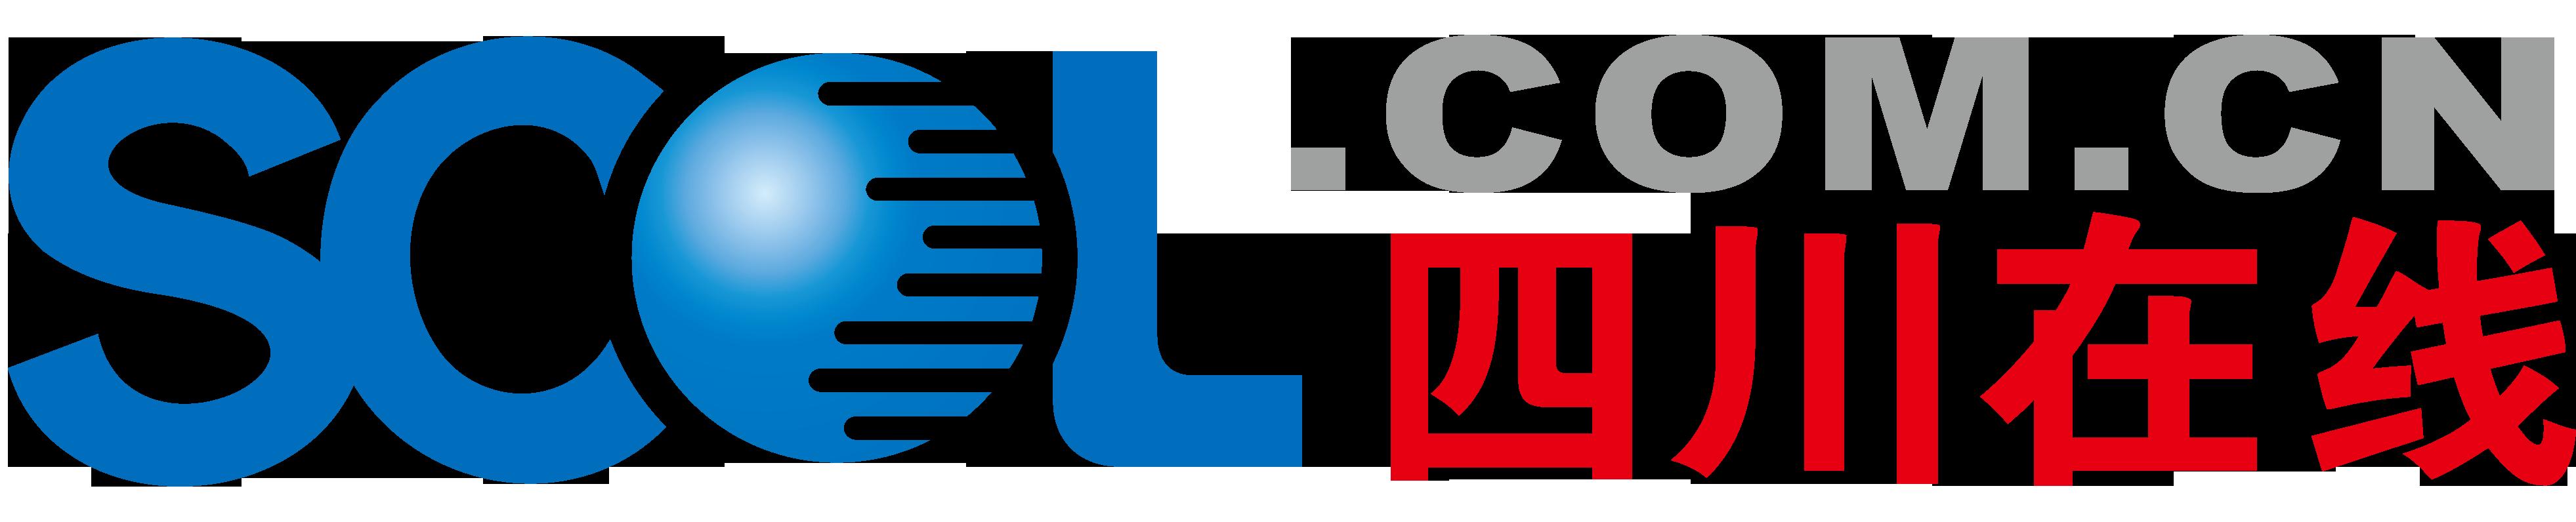 四川線上logo.png